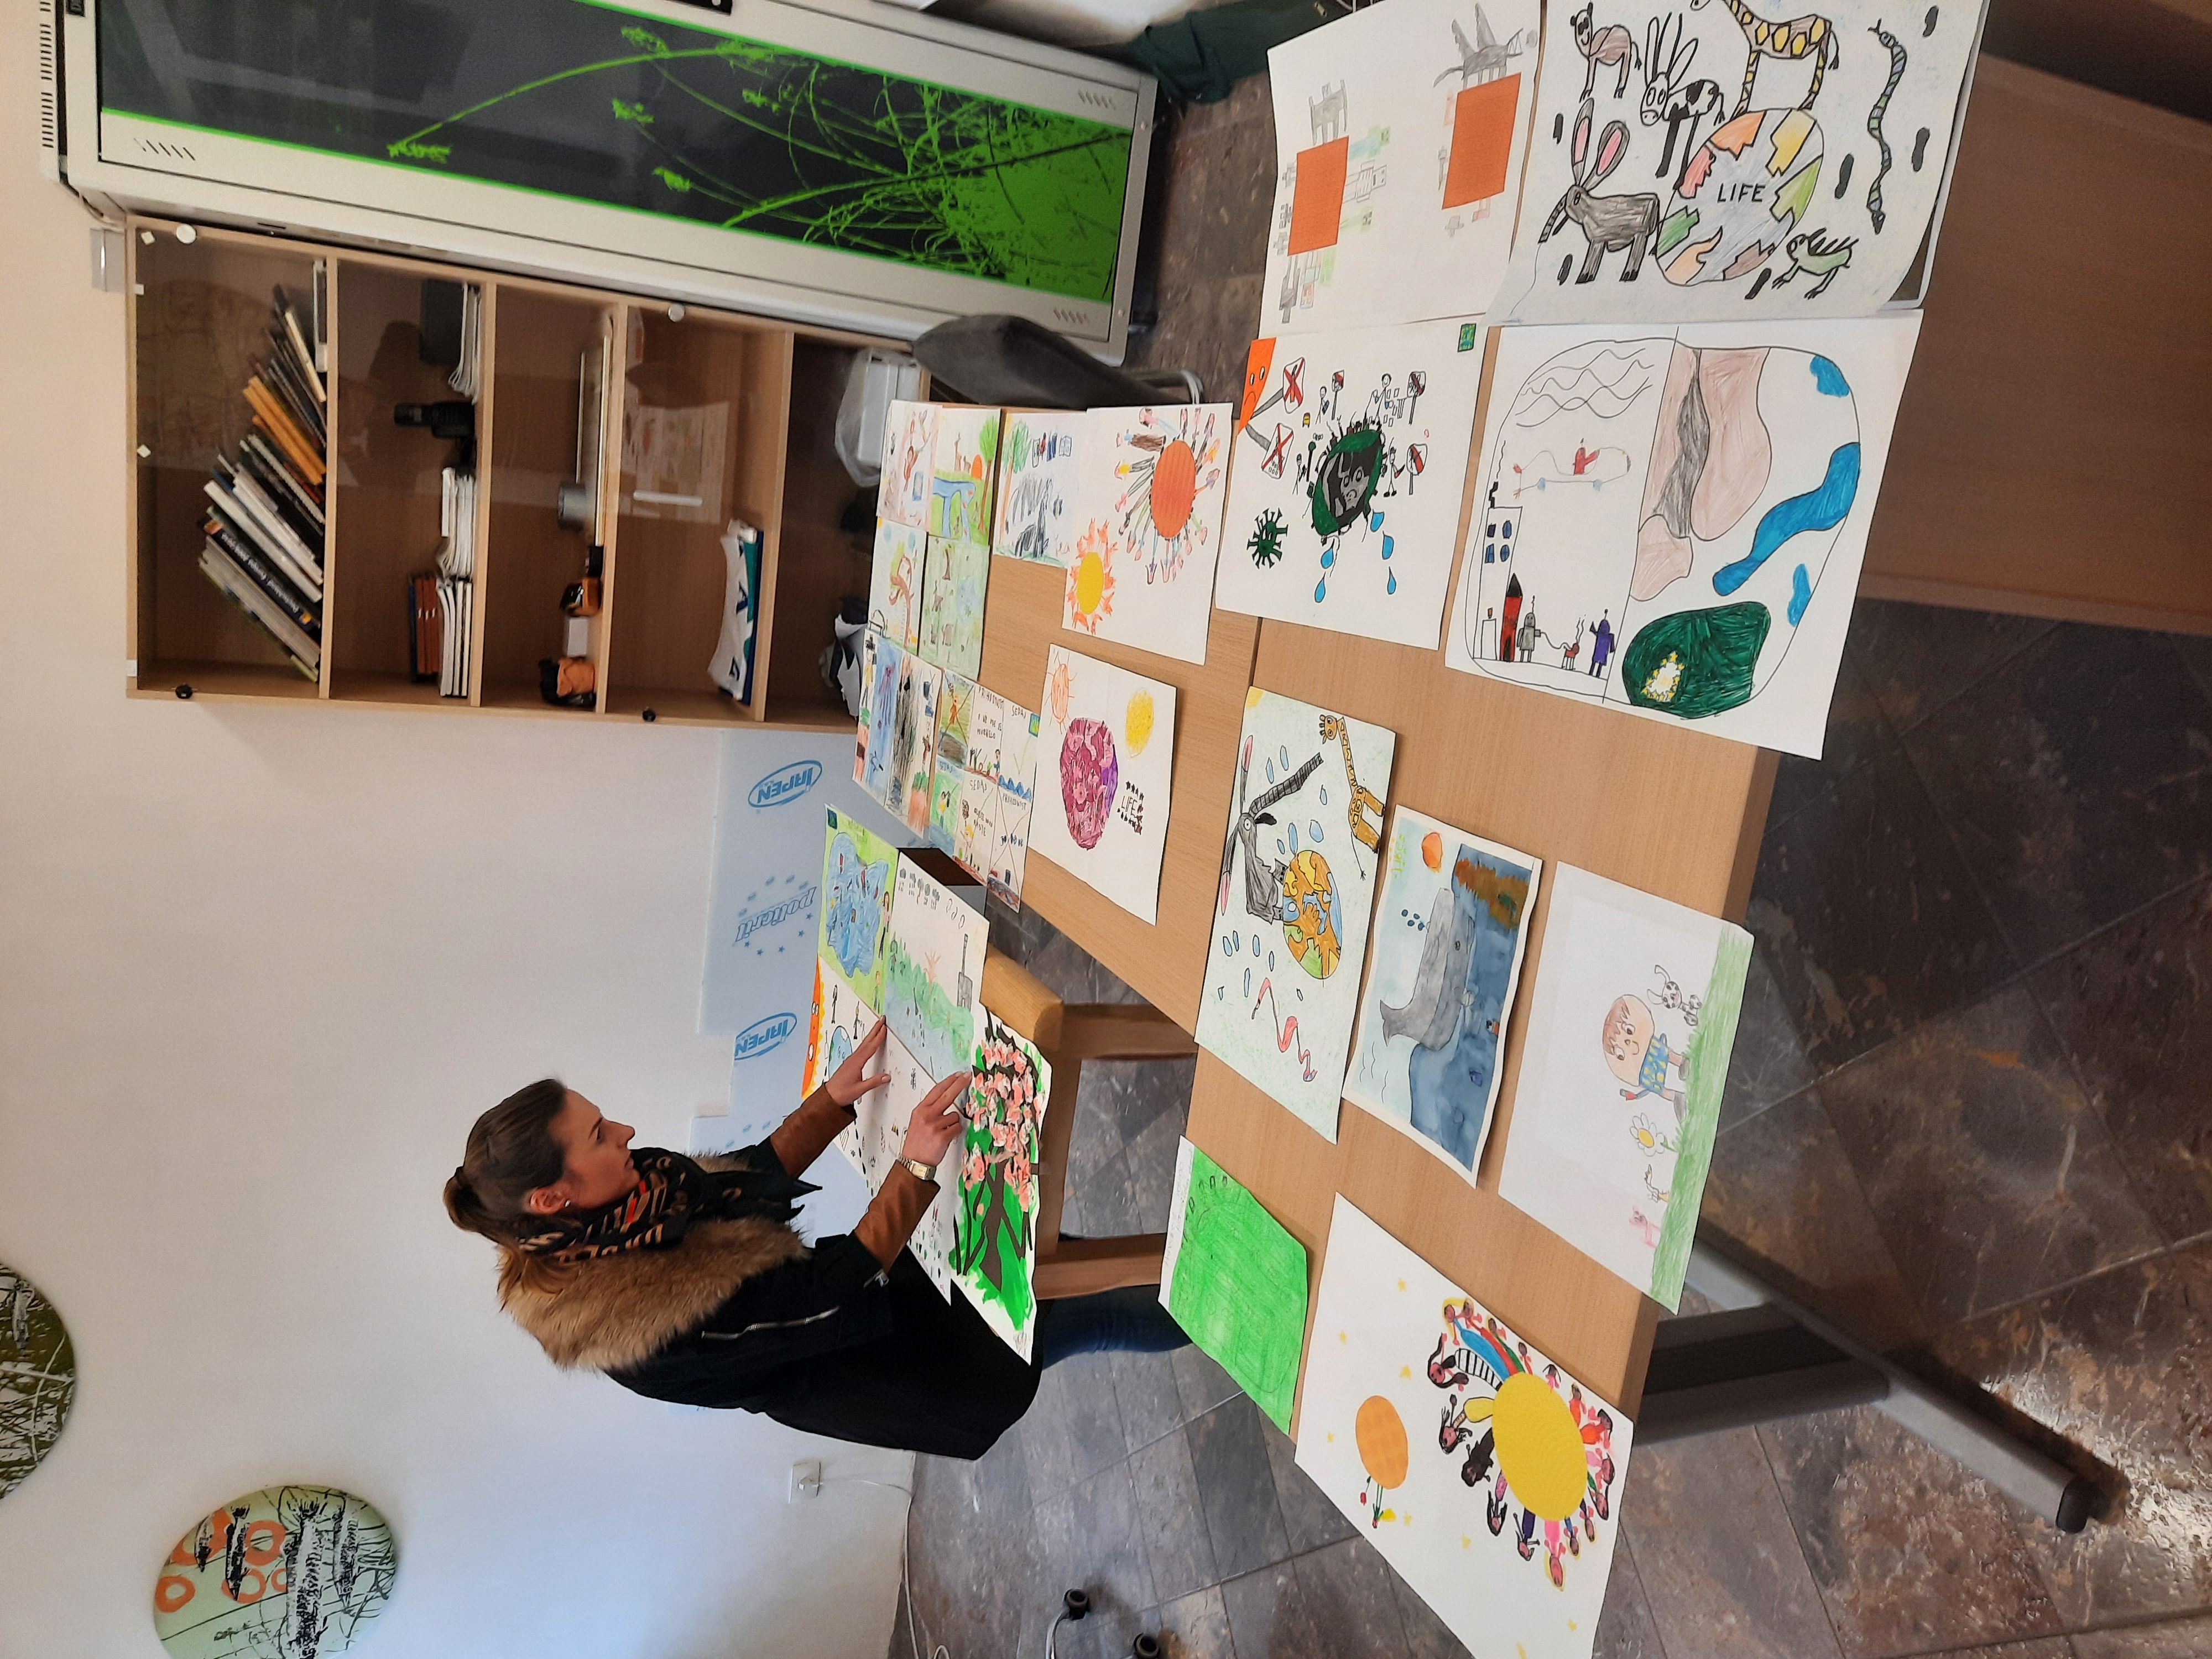 Ena od članov žirije, oblikovalka vizualnih komunikacij Barbara Kogoj.